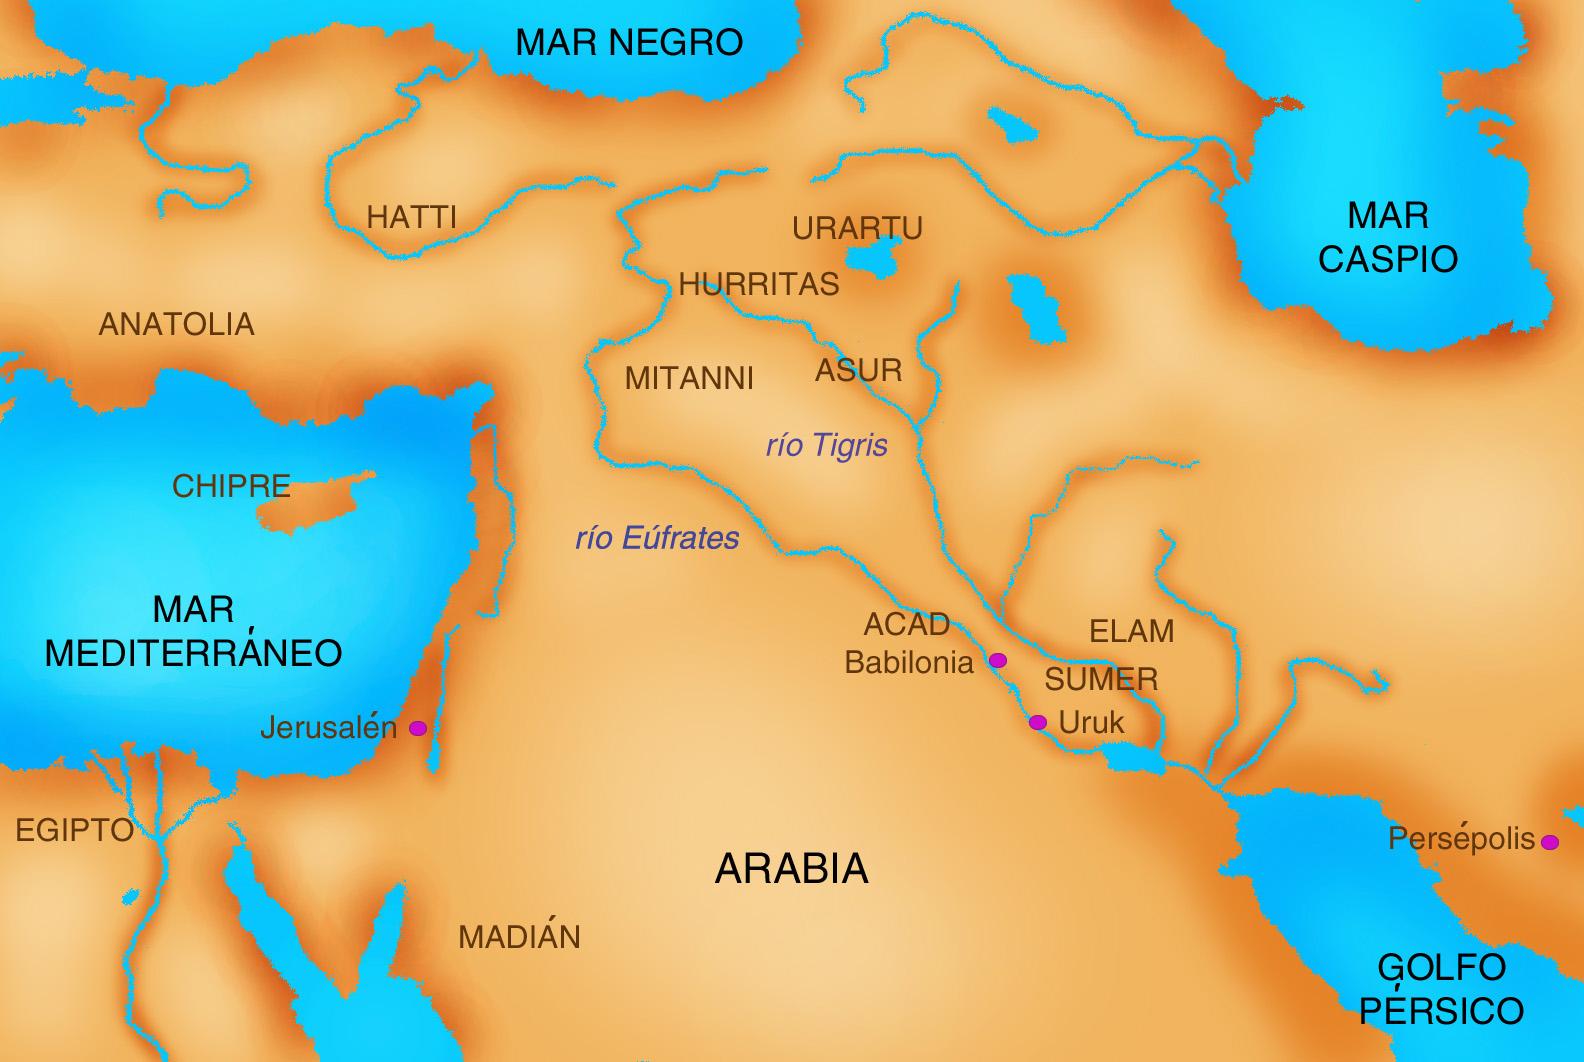 se impusieron entre el 6000 y el 5000 a. C., suponiendo la entrada en